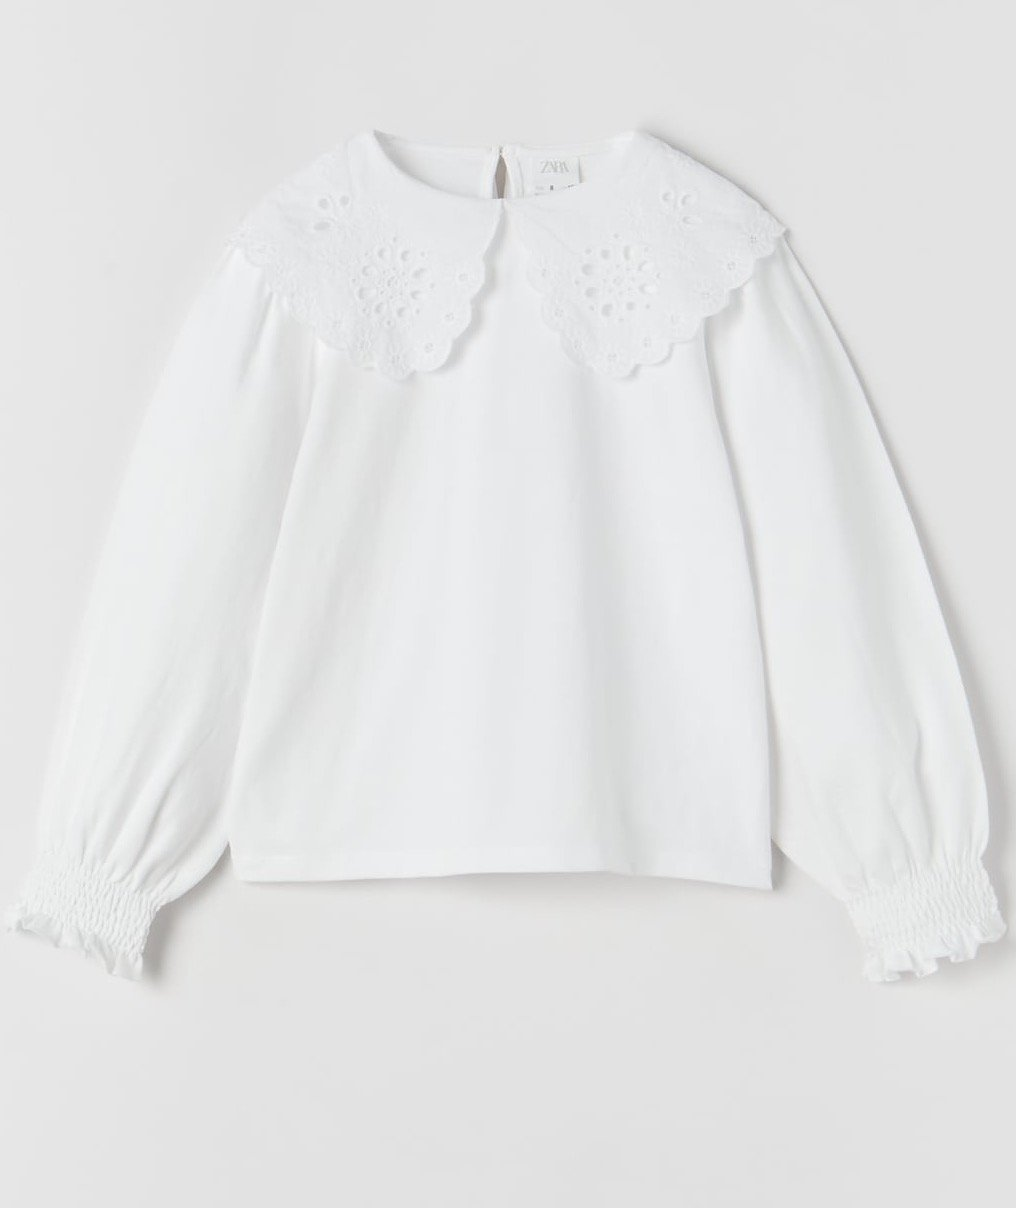 Zara white shirt girls